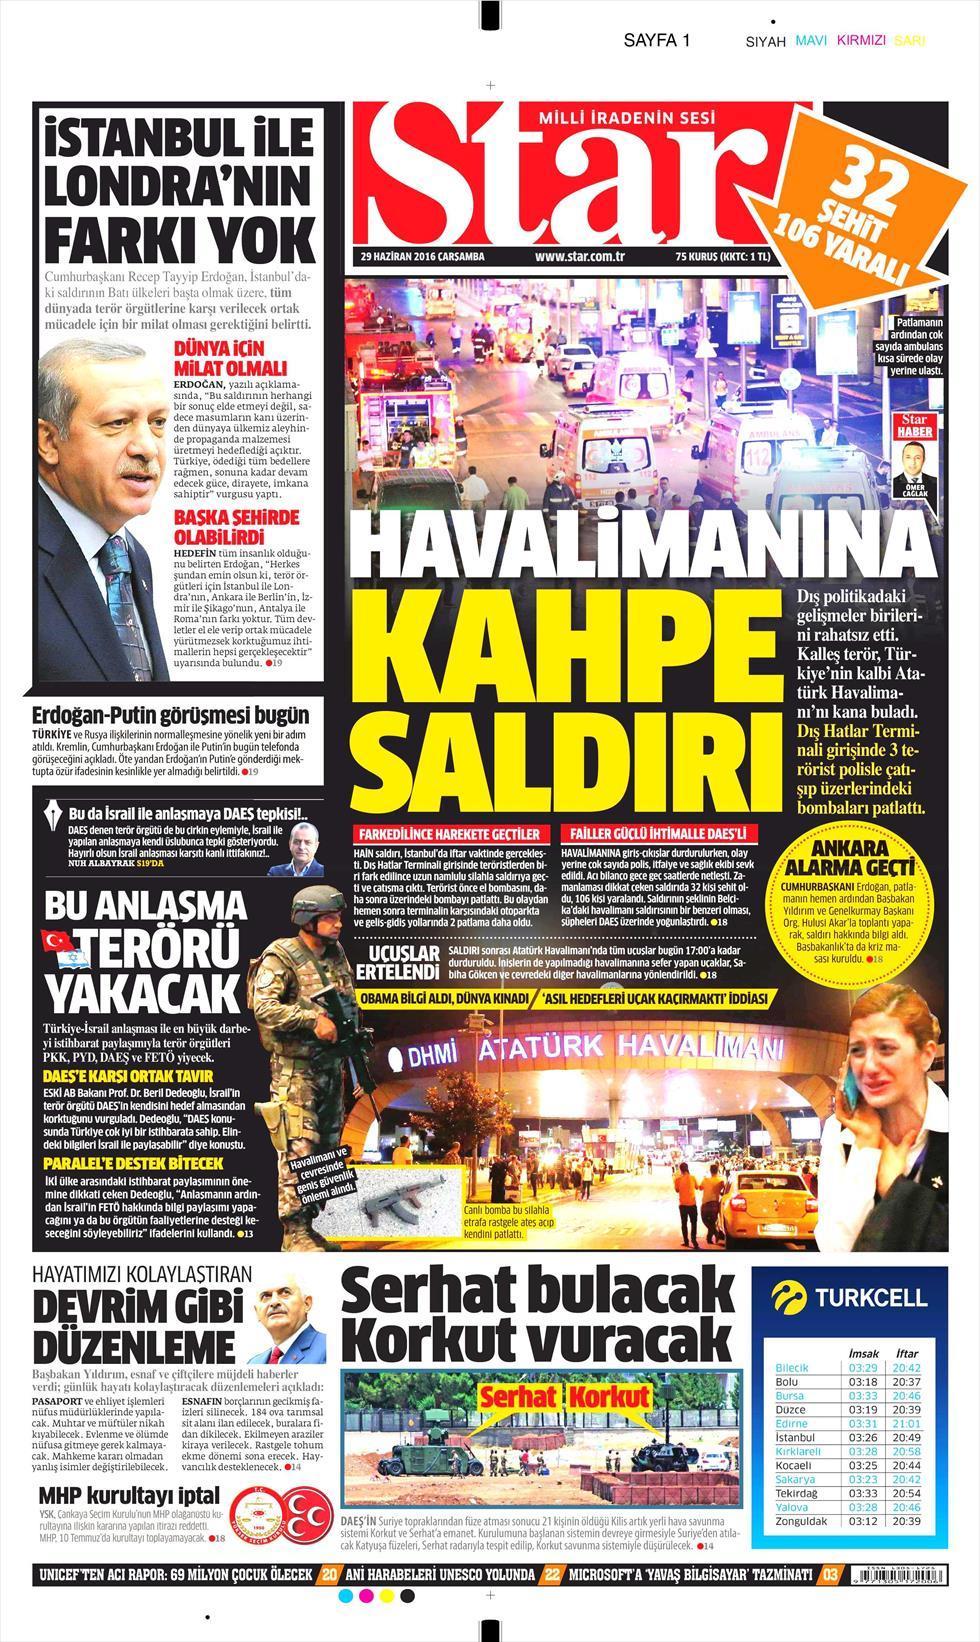 İşte Atatürk Havalimanı saldırısıyla ilgili tüm haberler 89